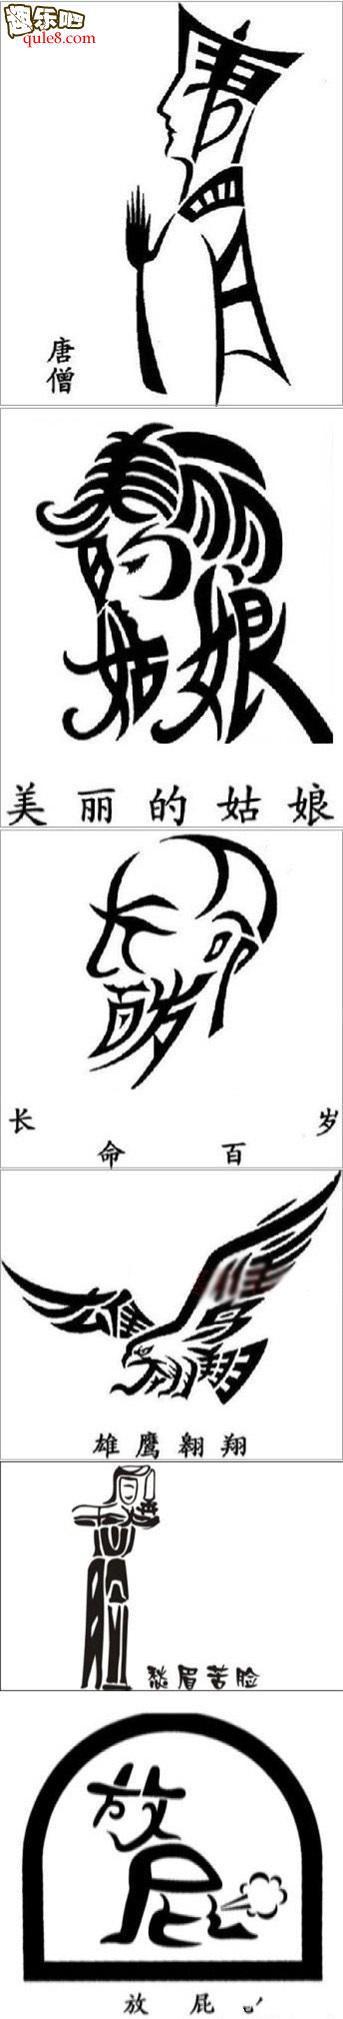 中国文化博大精深